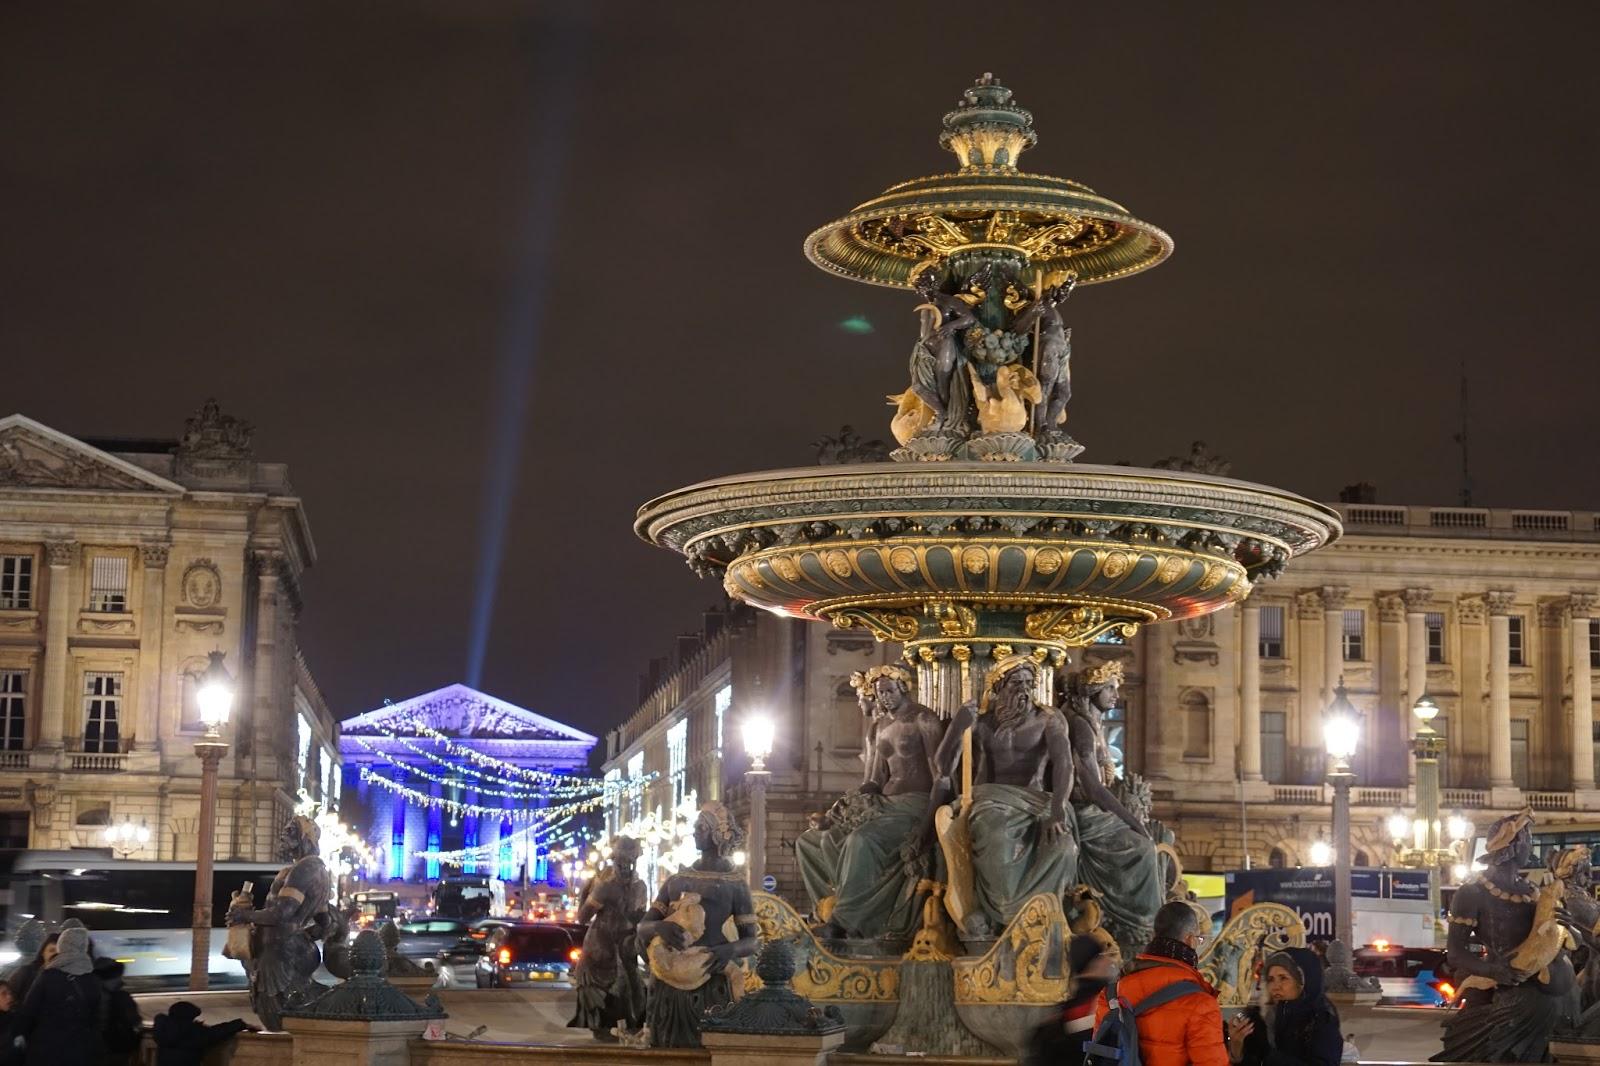 コンコルド広場(Place de la Concorde)